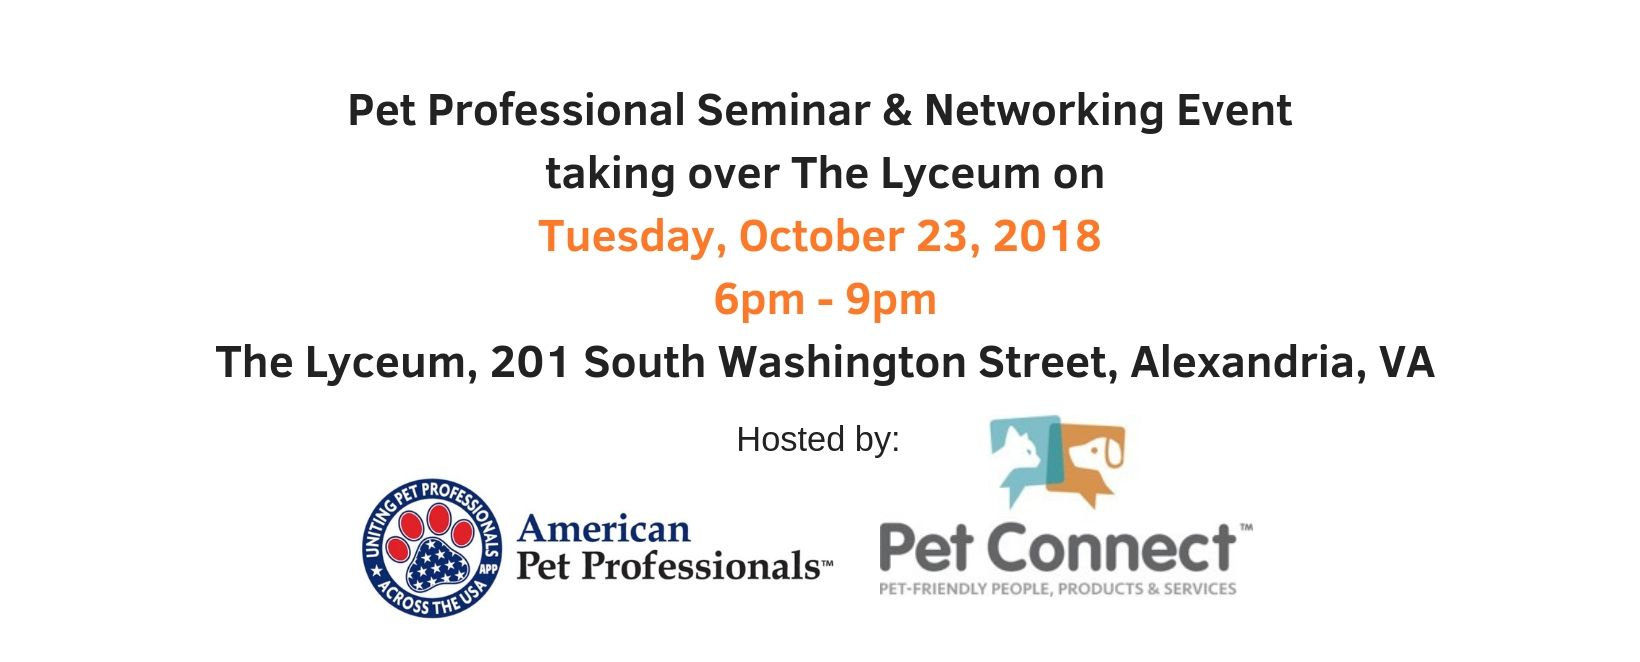 Pet Professional event in Alexandria, VA